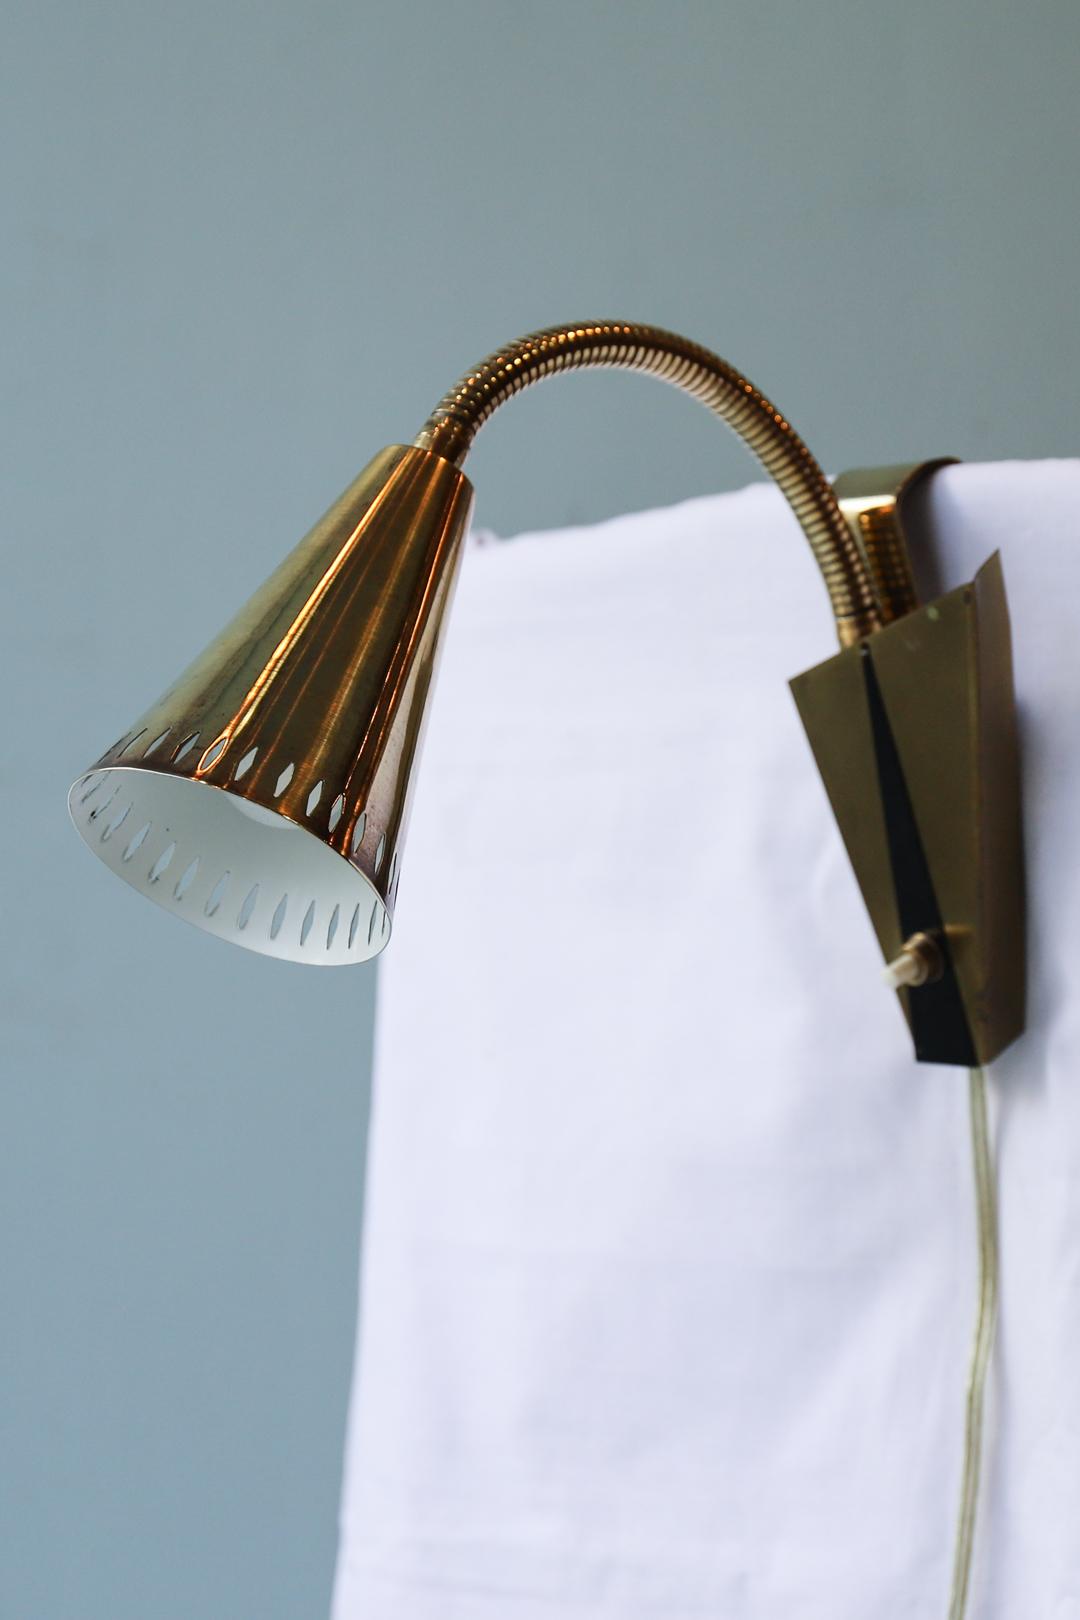 Swedish Vintage Asea Wall Lamp/スウェーデン ヴィンテージ アセア ウォールランプ 真鍮 照明 ミッドセンチュリー 北欧インテリア 1